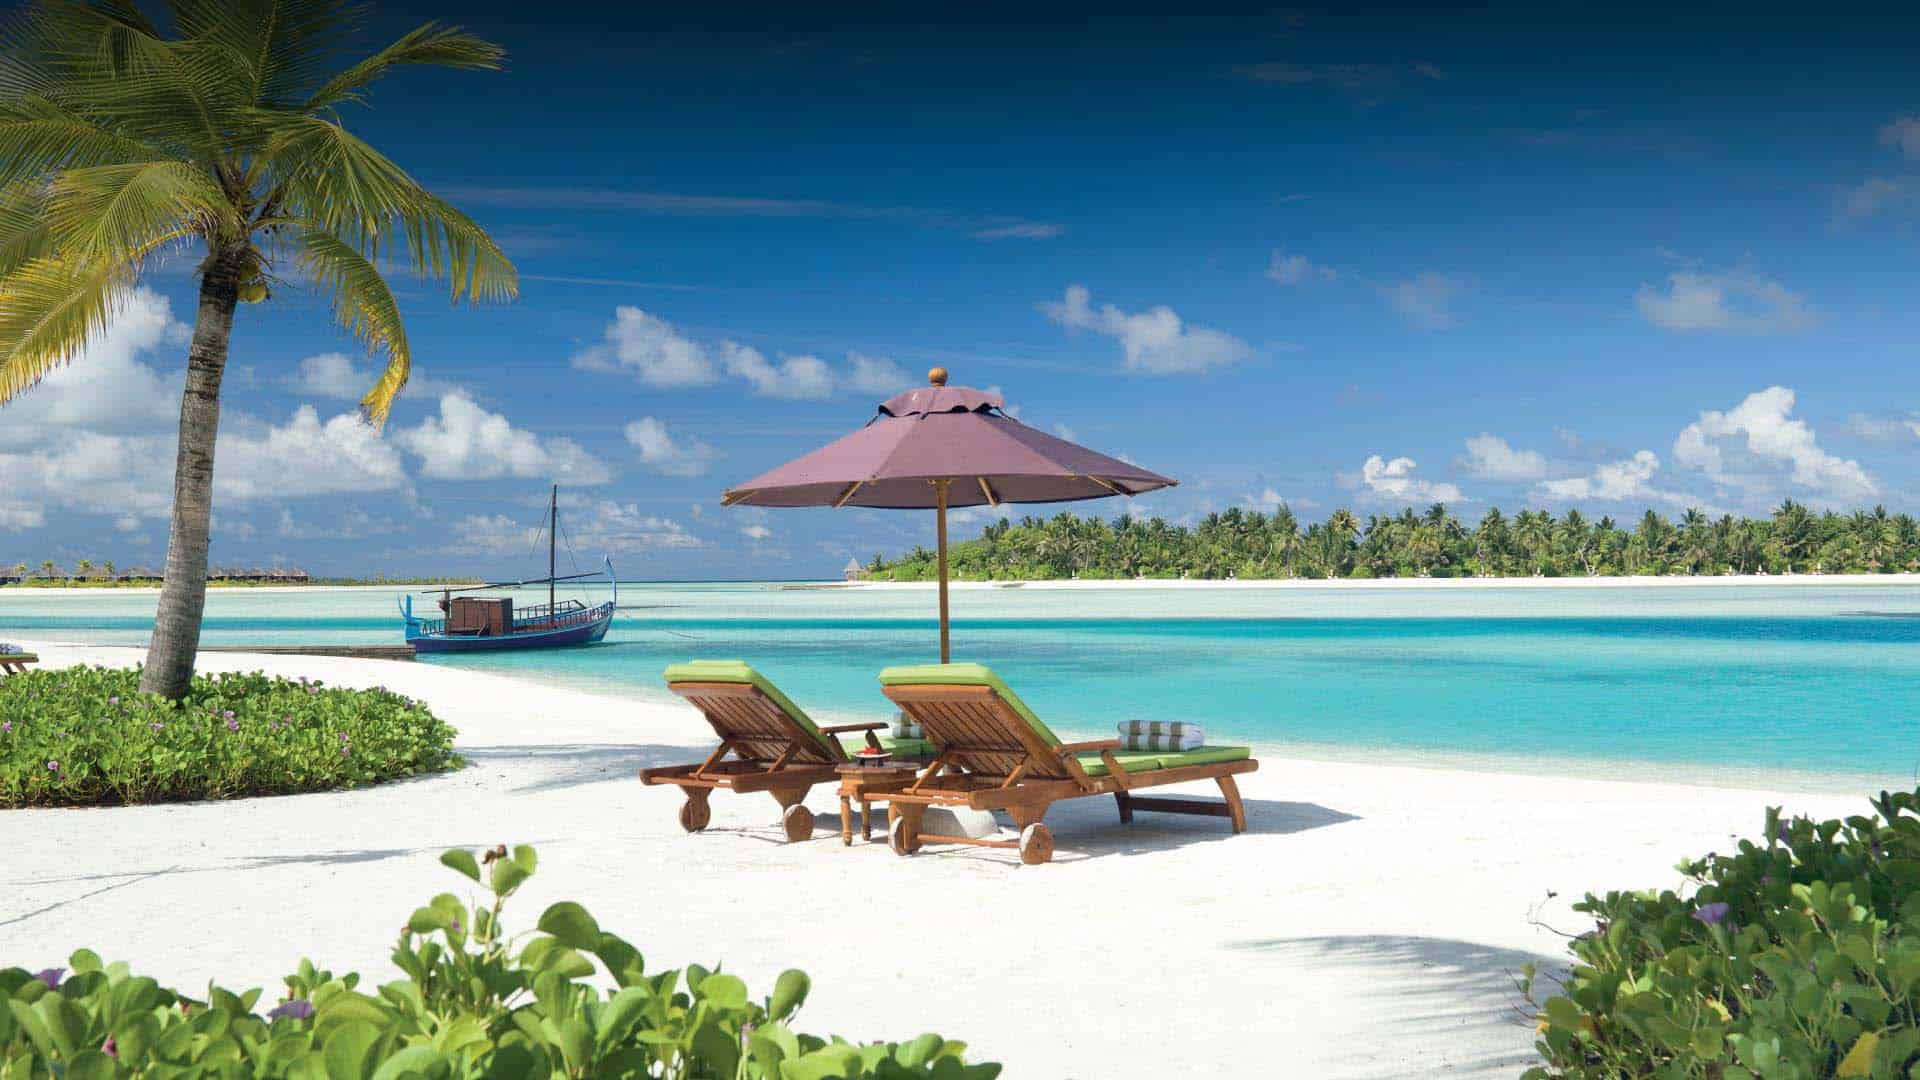 خلاصة تجربتي الشخصية في جزر المالديف